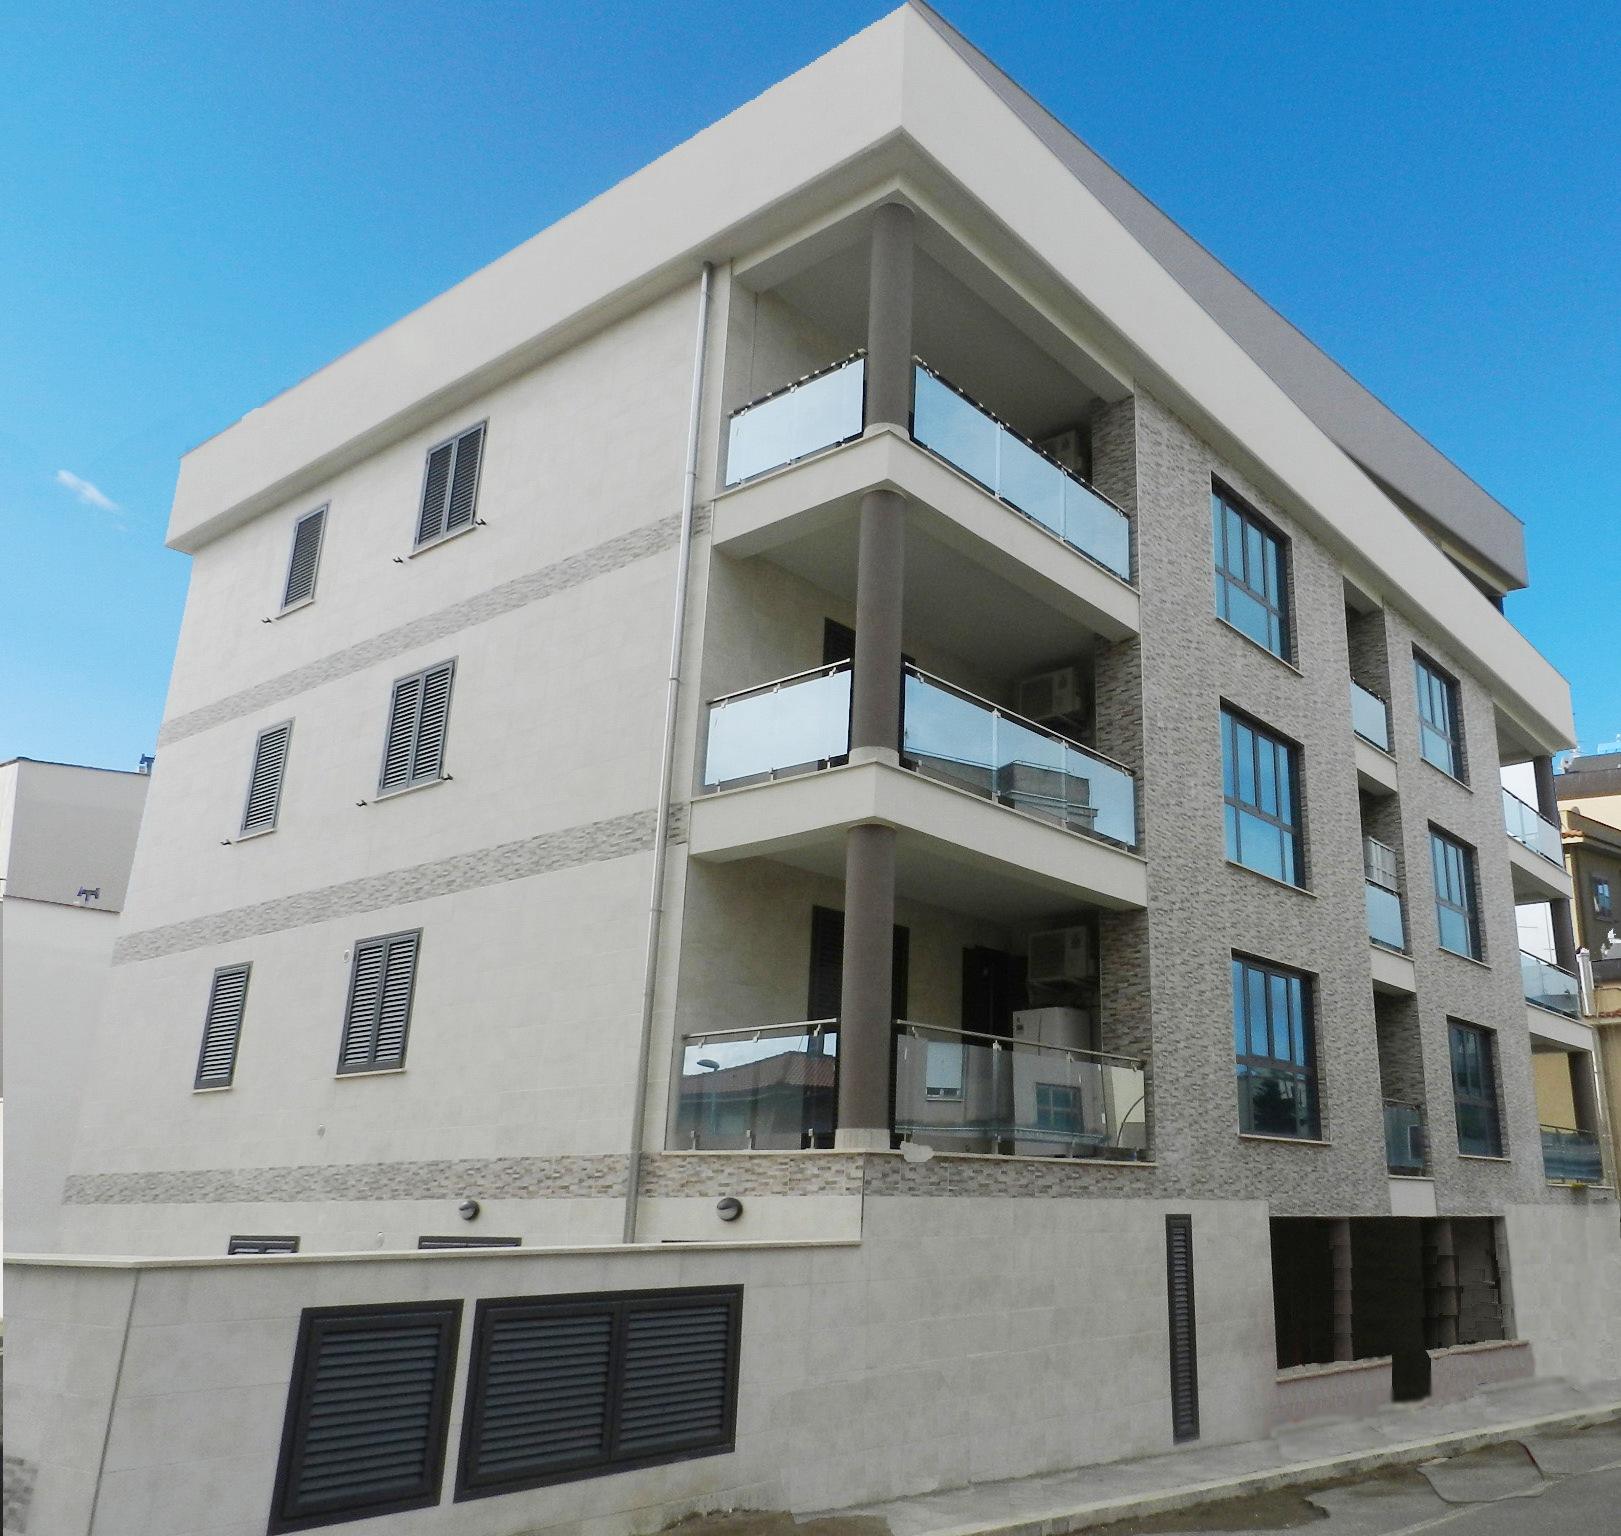 Appartamento in vendita a Tarquinia, 3 locali, zona Località: Ospedale, prezzo € 130.000   CambioCasa.it